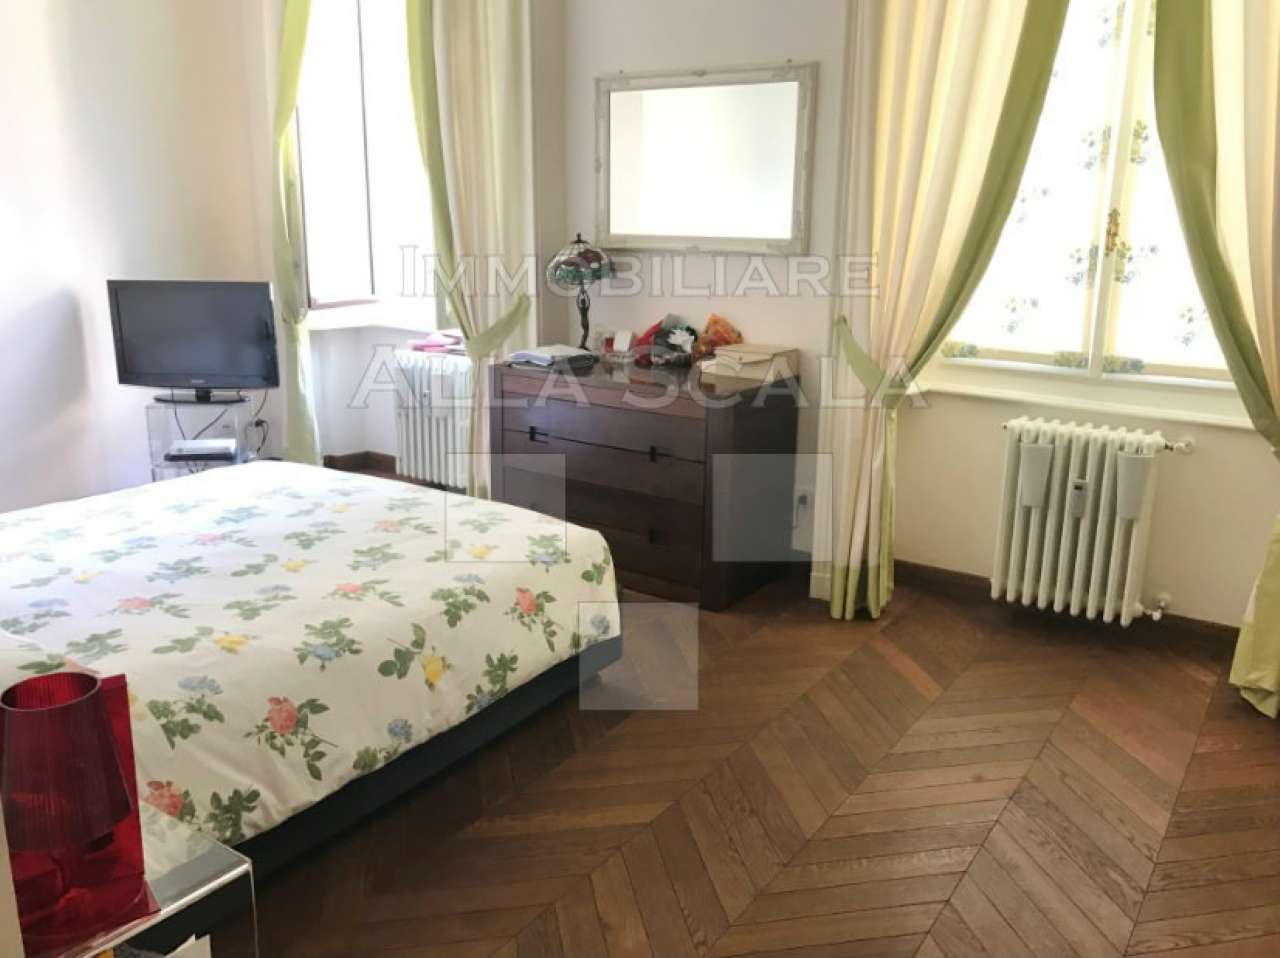 Appartamento in Vendita a Milano: 4 locali, 240 mq - Foto 6